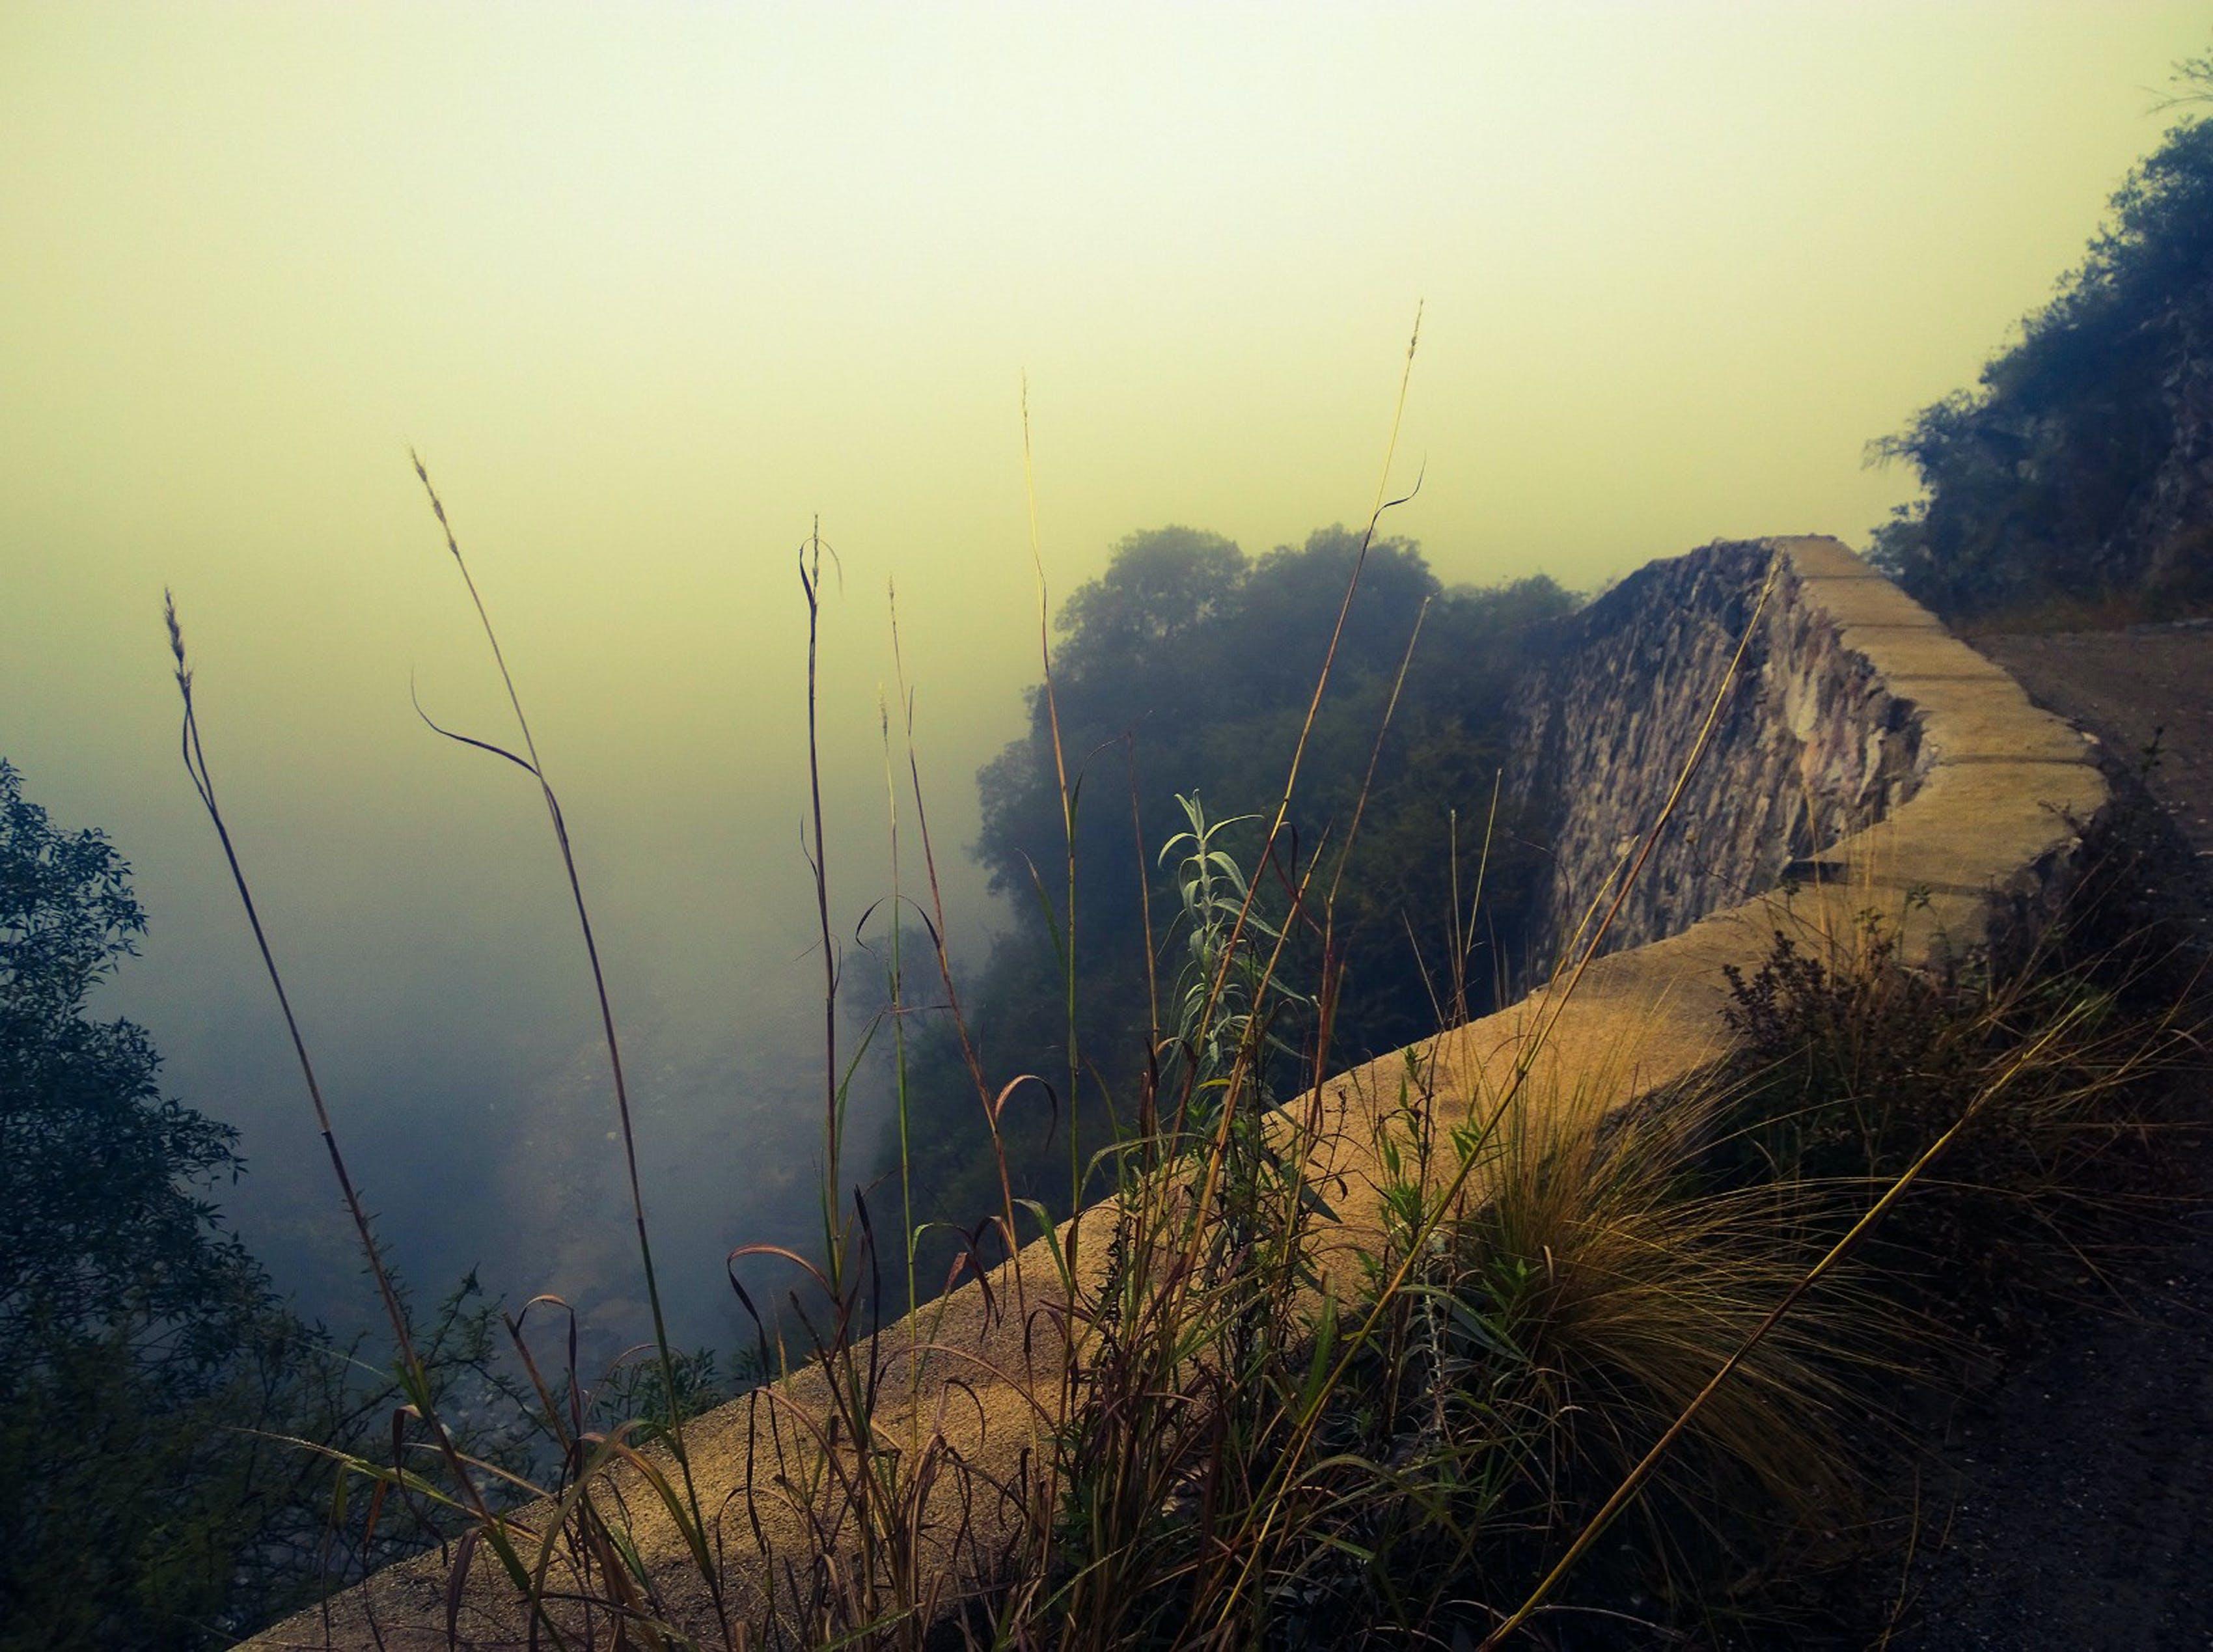 Δωρεάν στοκ φωτογραφιών με βουνό, οδός, ομίχλη, φύση